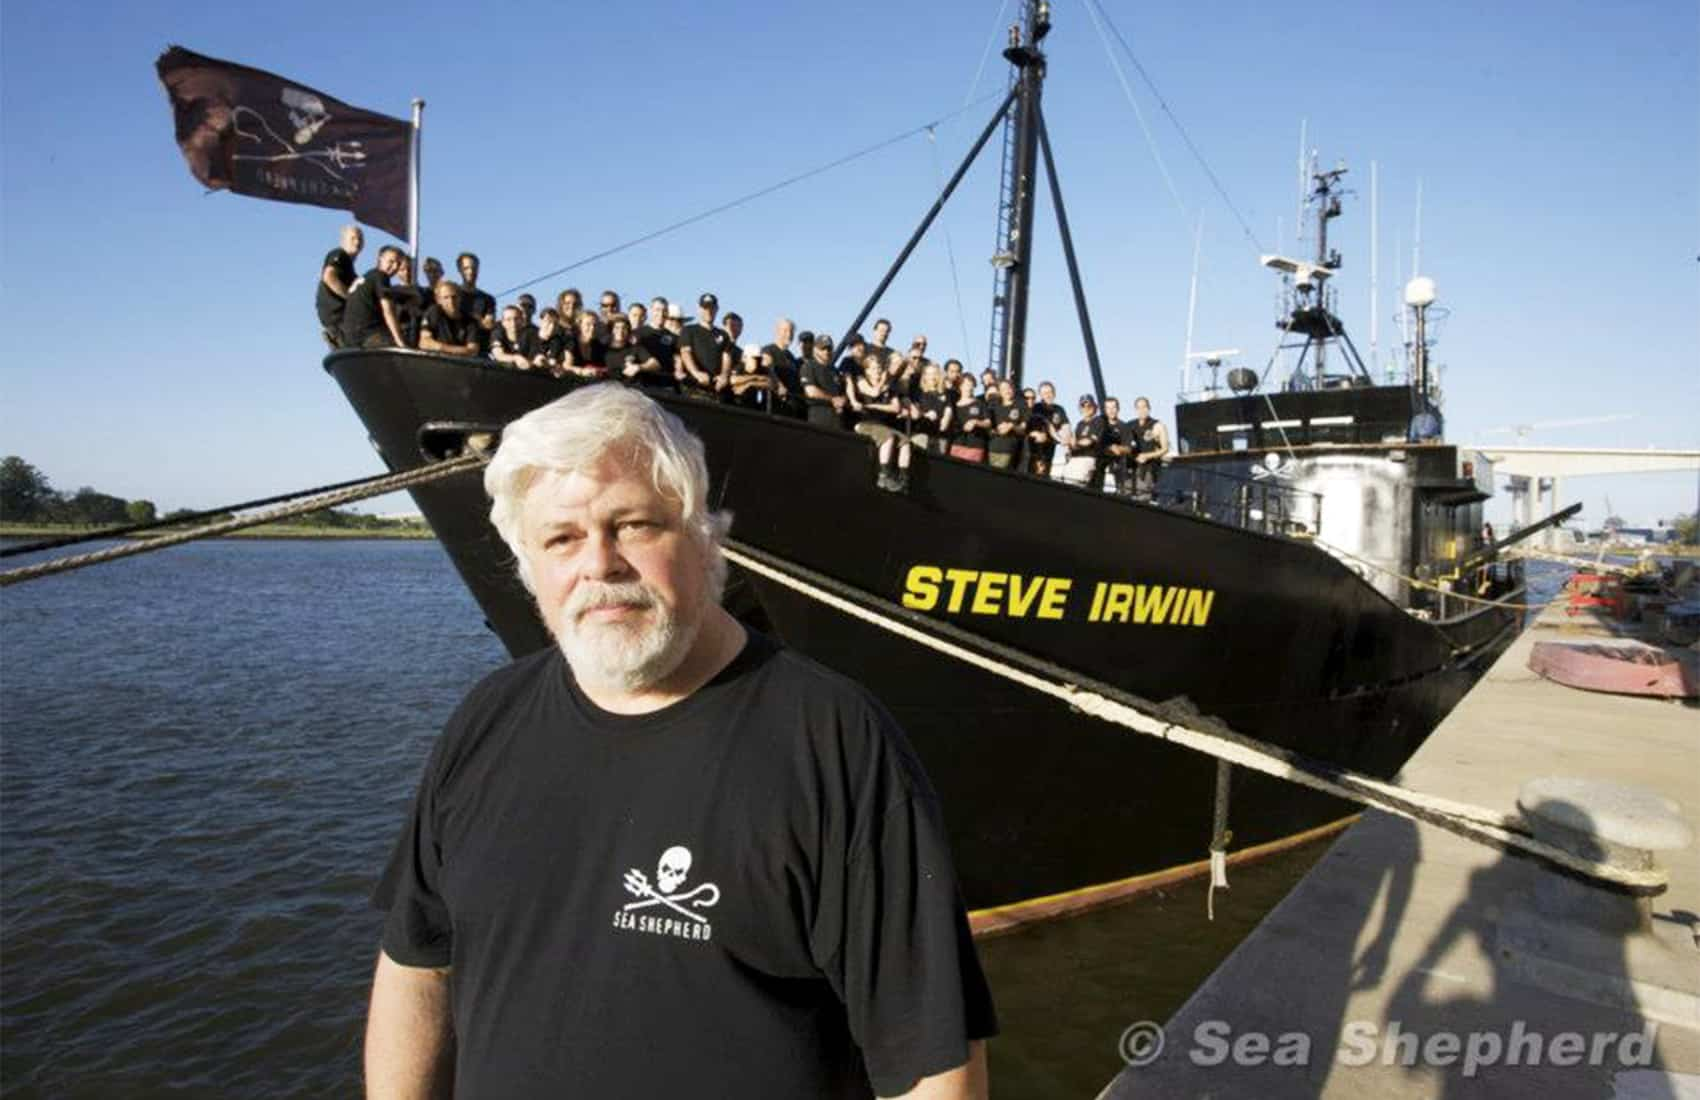 Sea Shepherd's Paul Watson